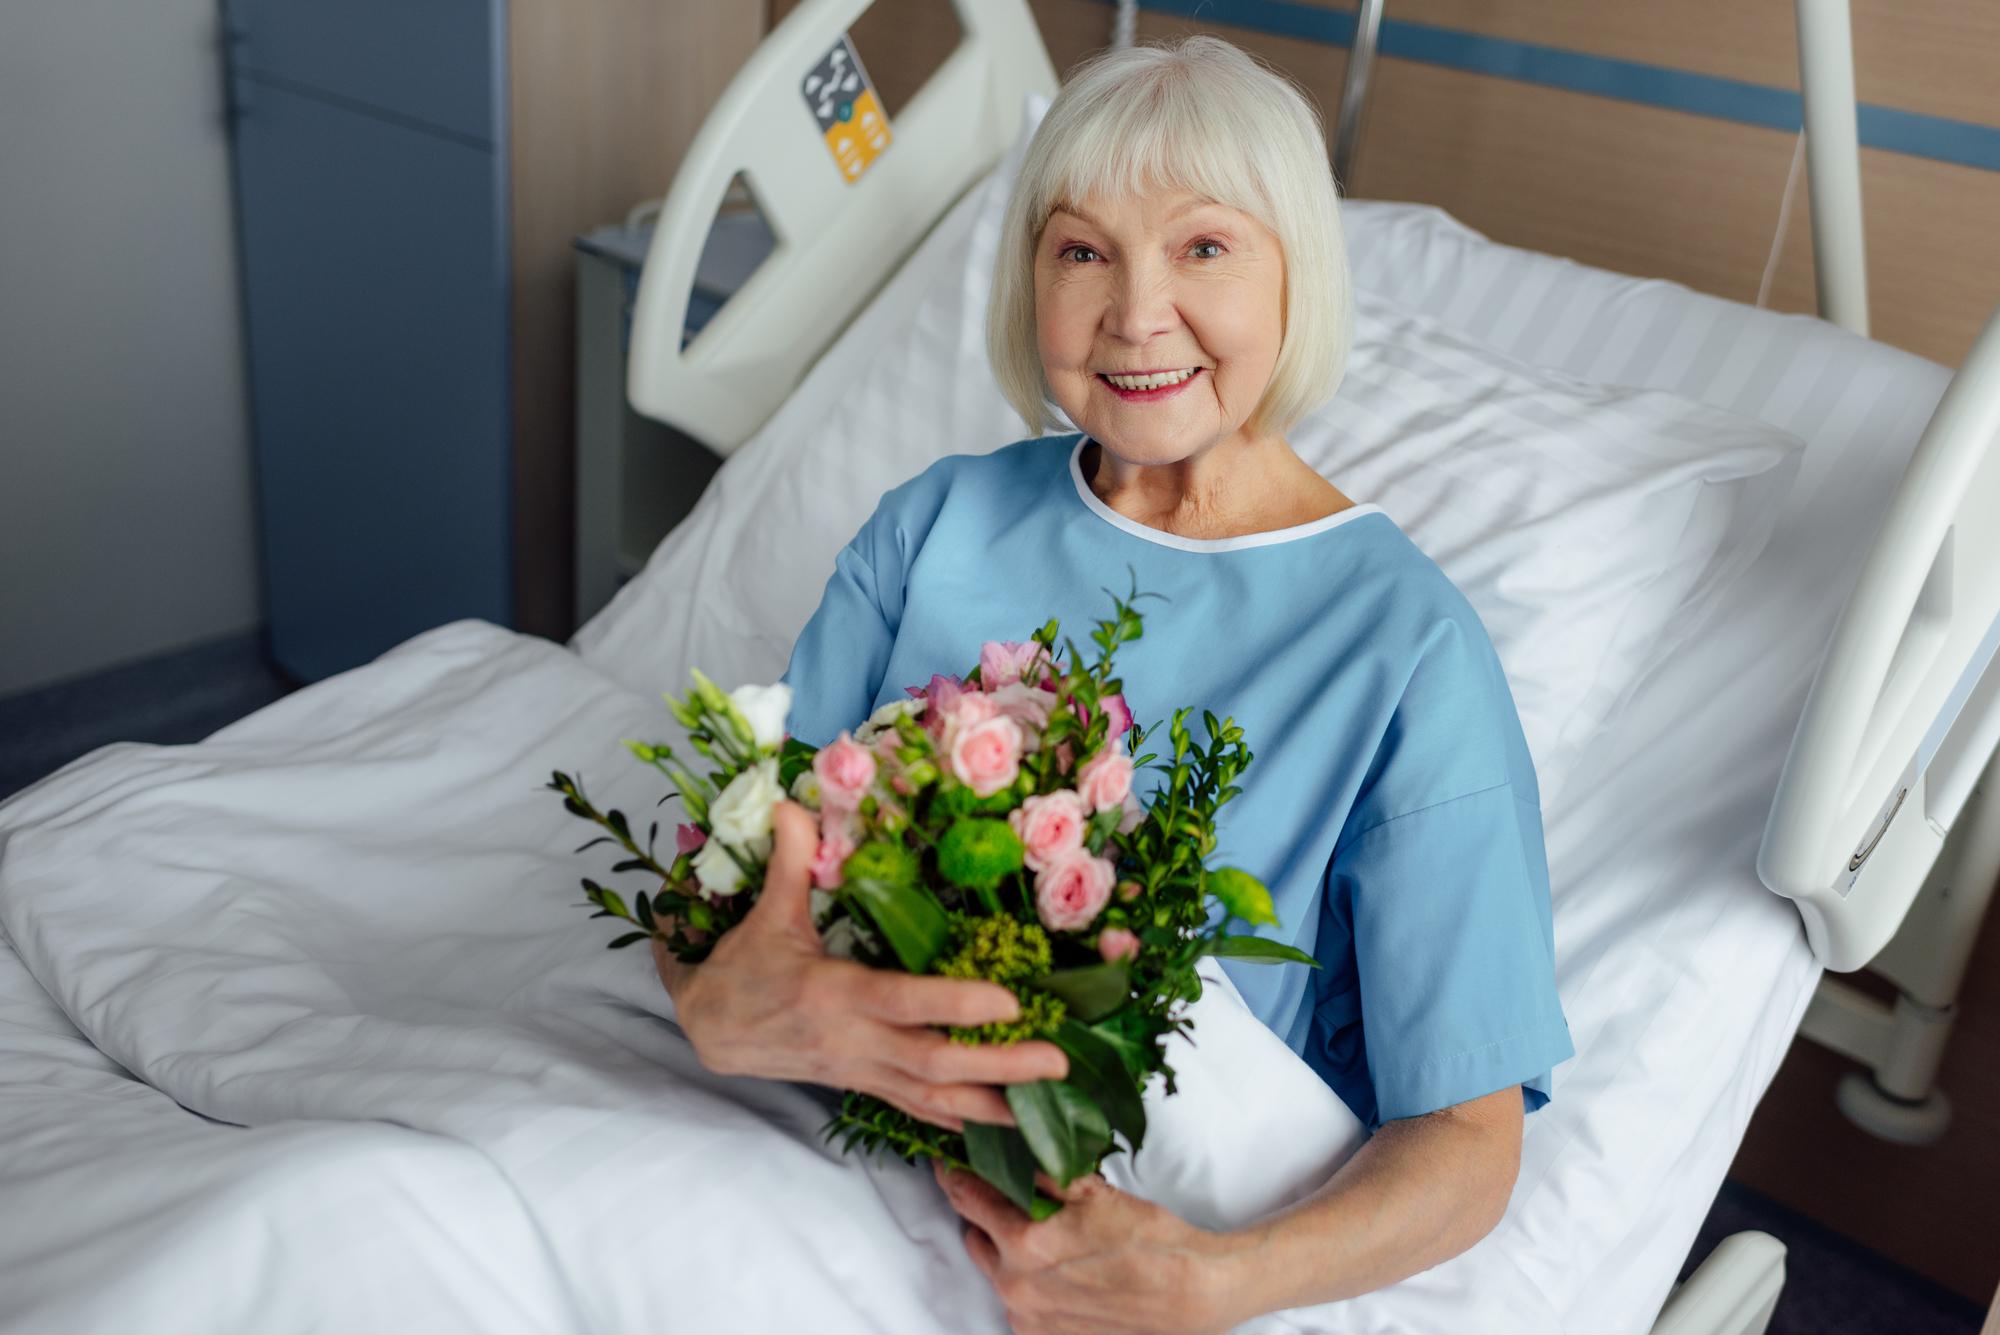 Je někdo z vašich blízkých nemocným? Nechte mu doručit nádhernou kytici z Fleurop.